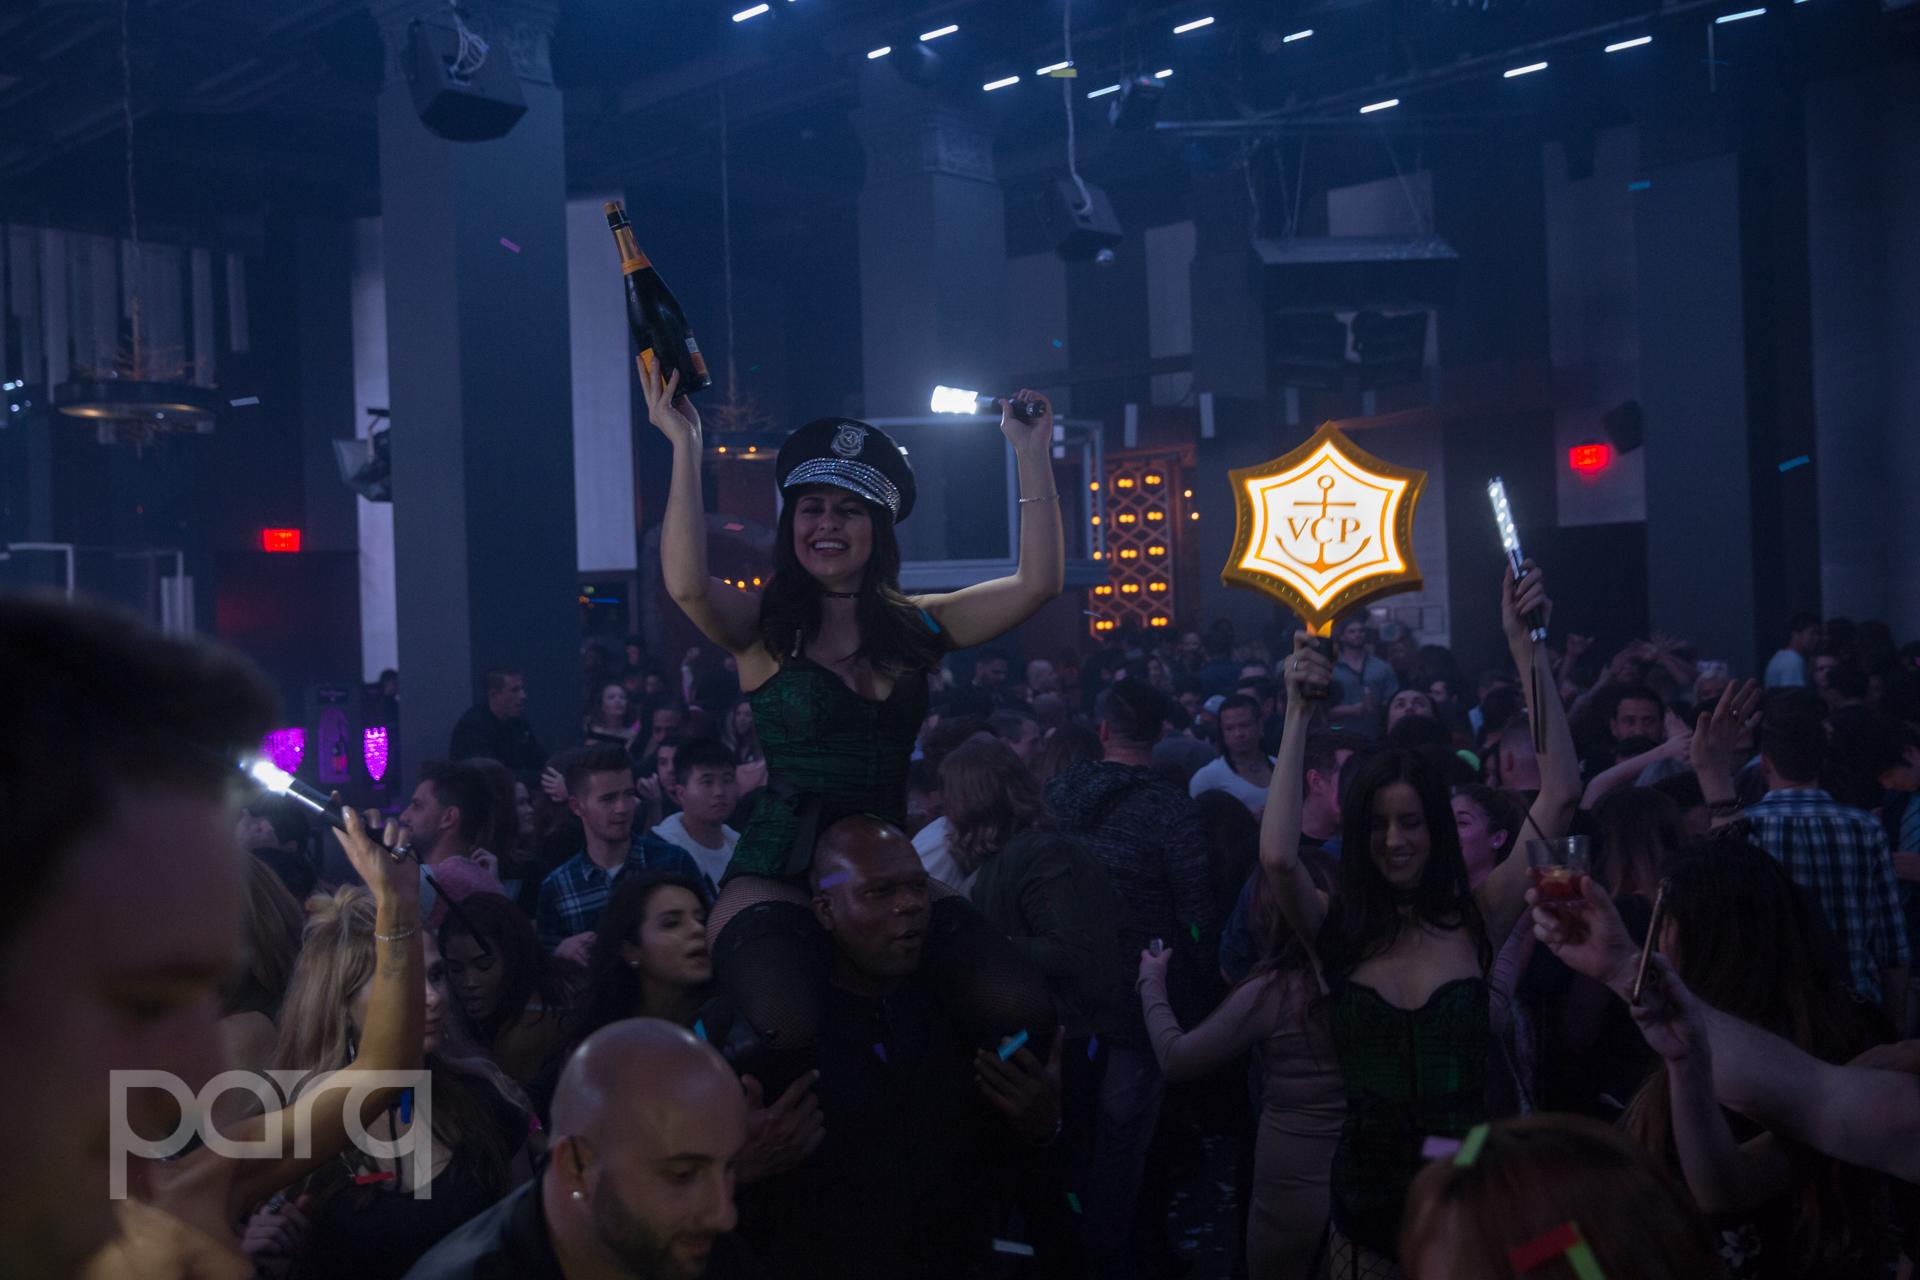 San-Diego-Nightclub-DJ Obscene-37.jpg